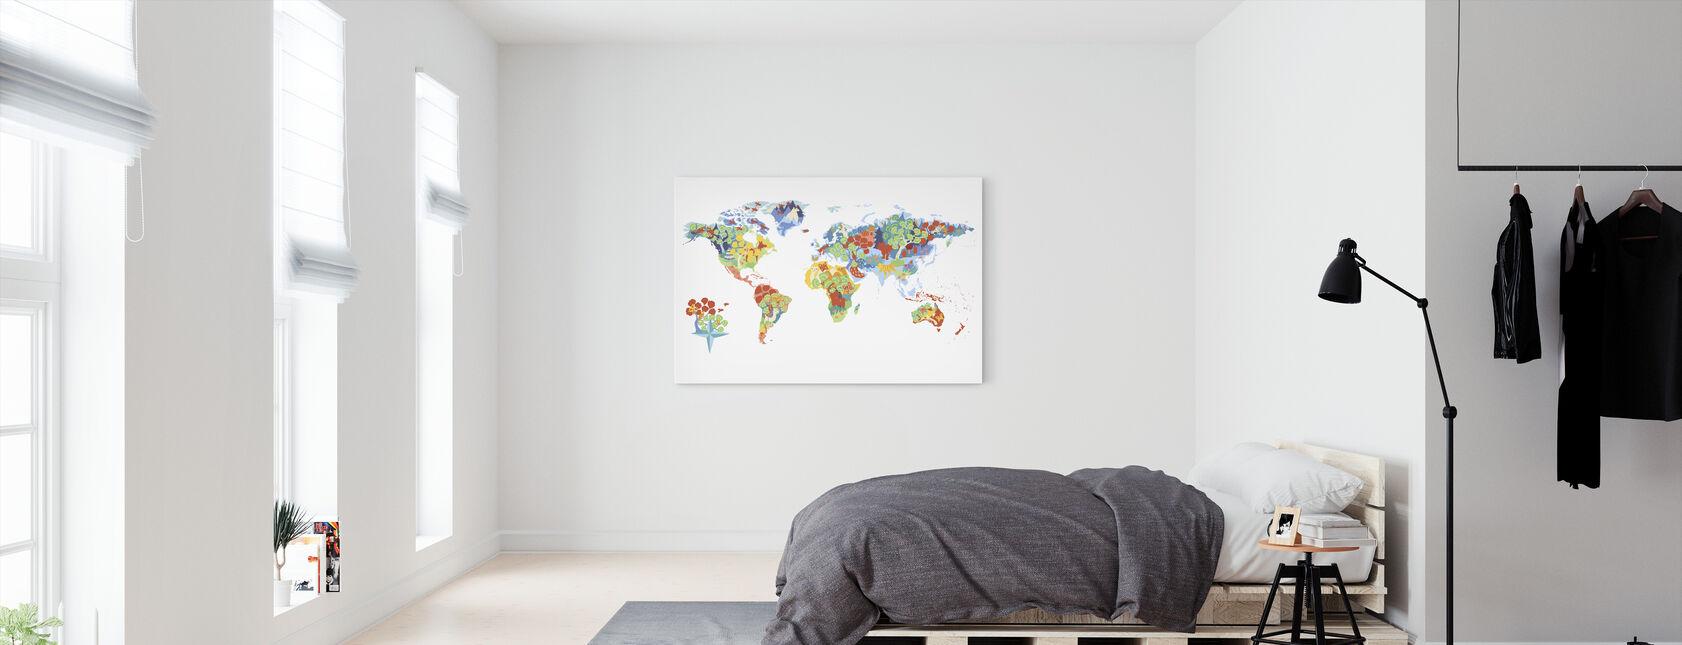 Underbar värld - Canvastavla - Sovrum